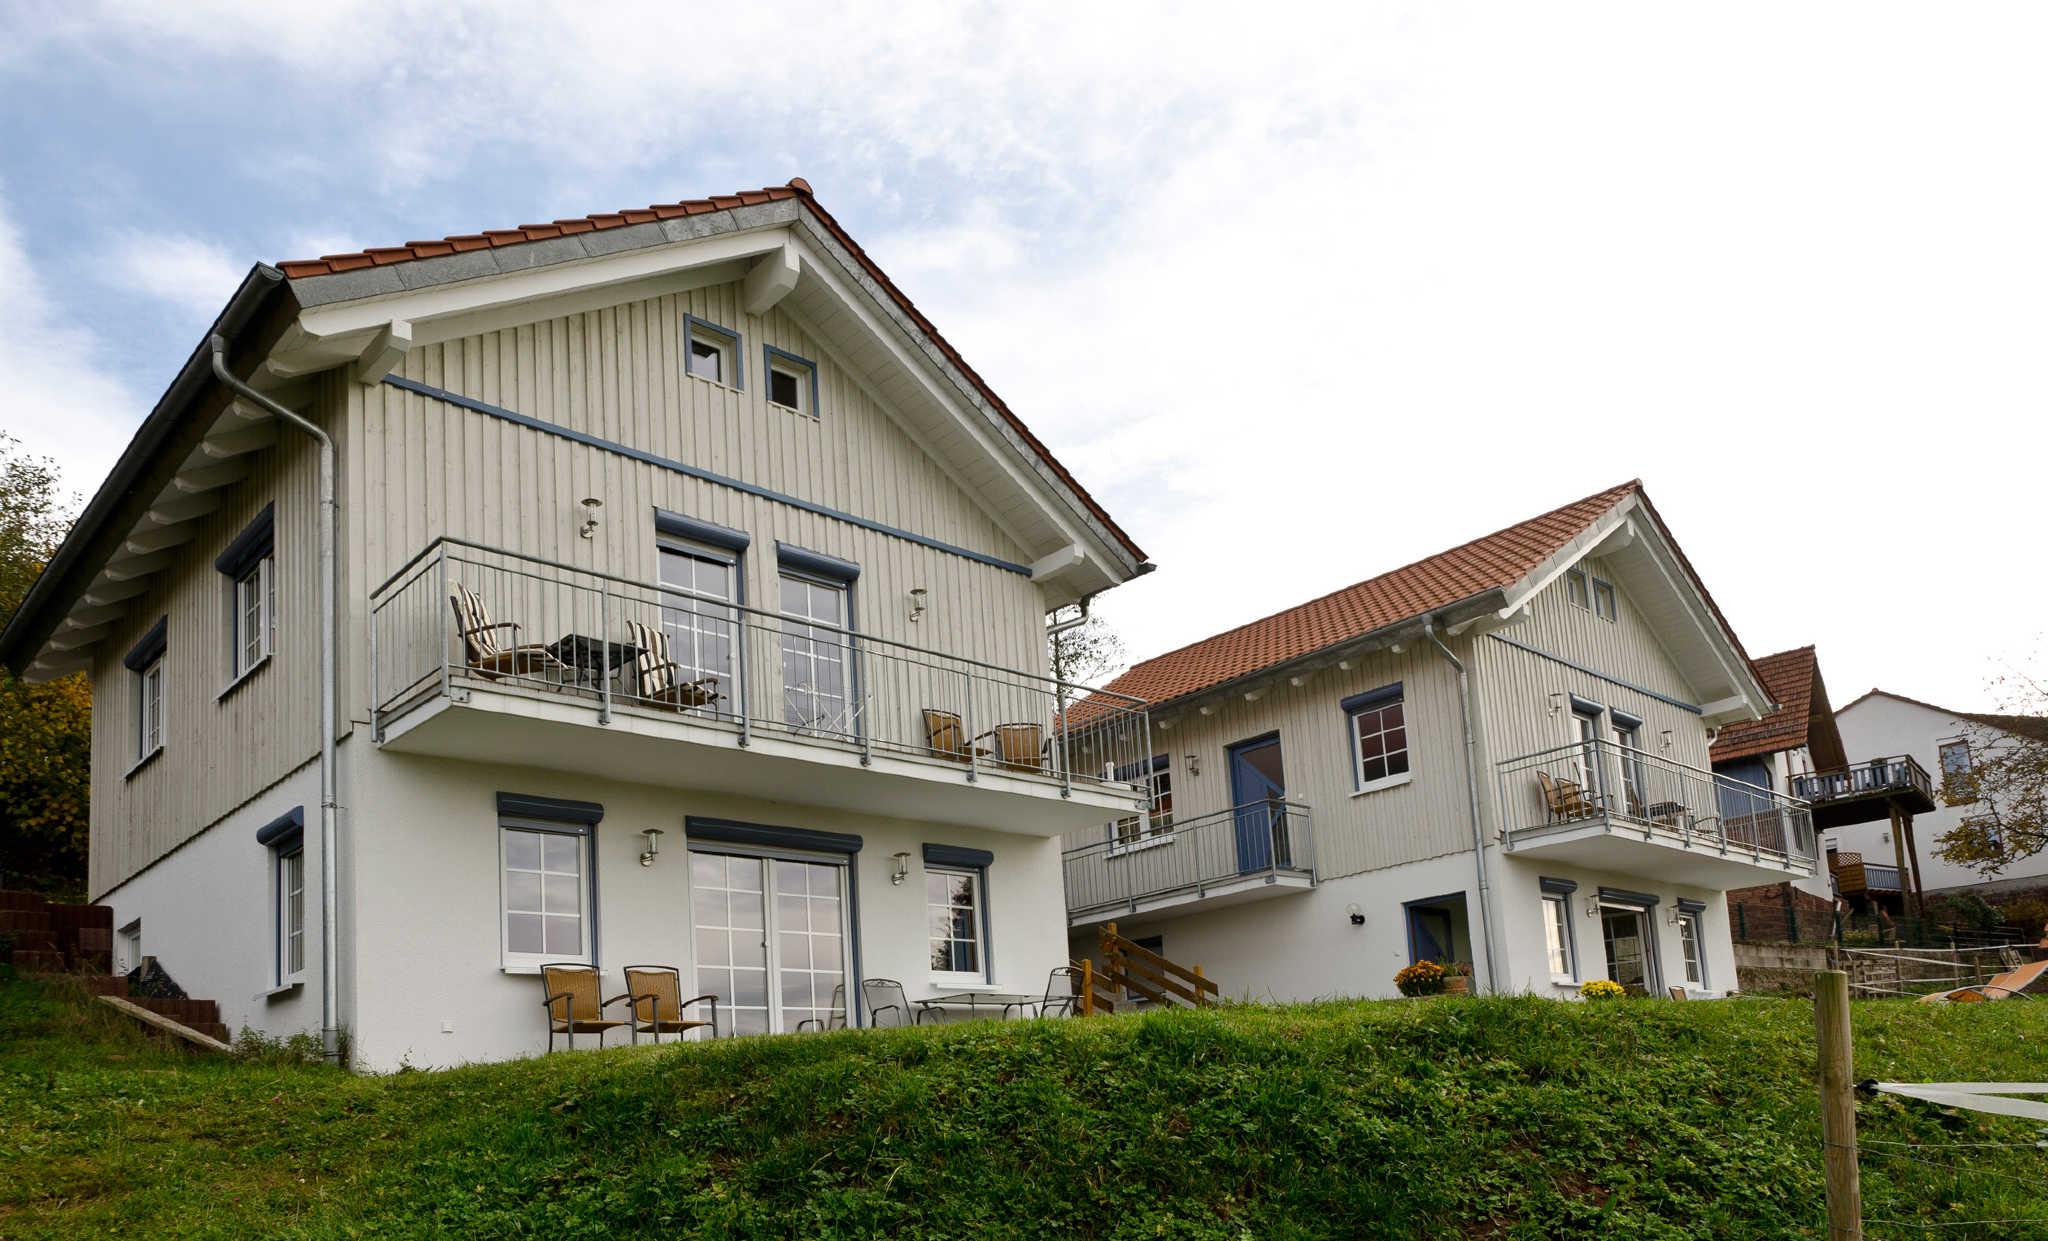 Ferienhaus mit 2 Wohneinheiten